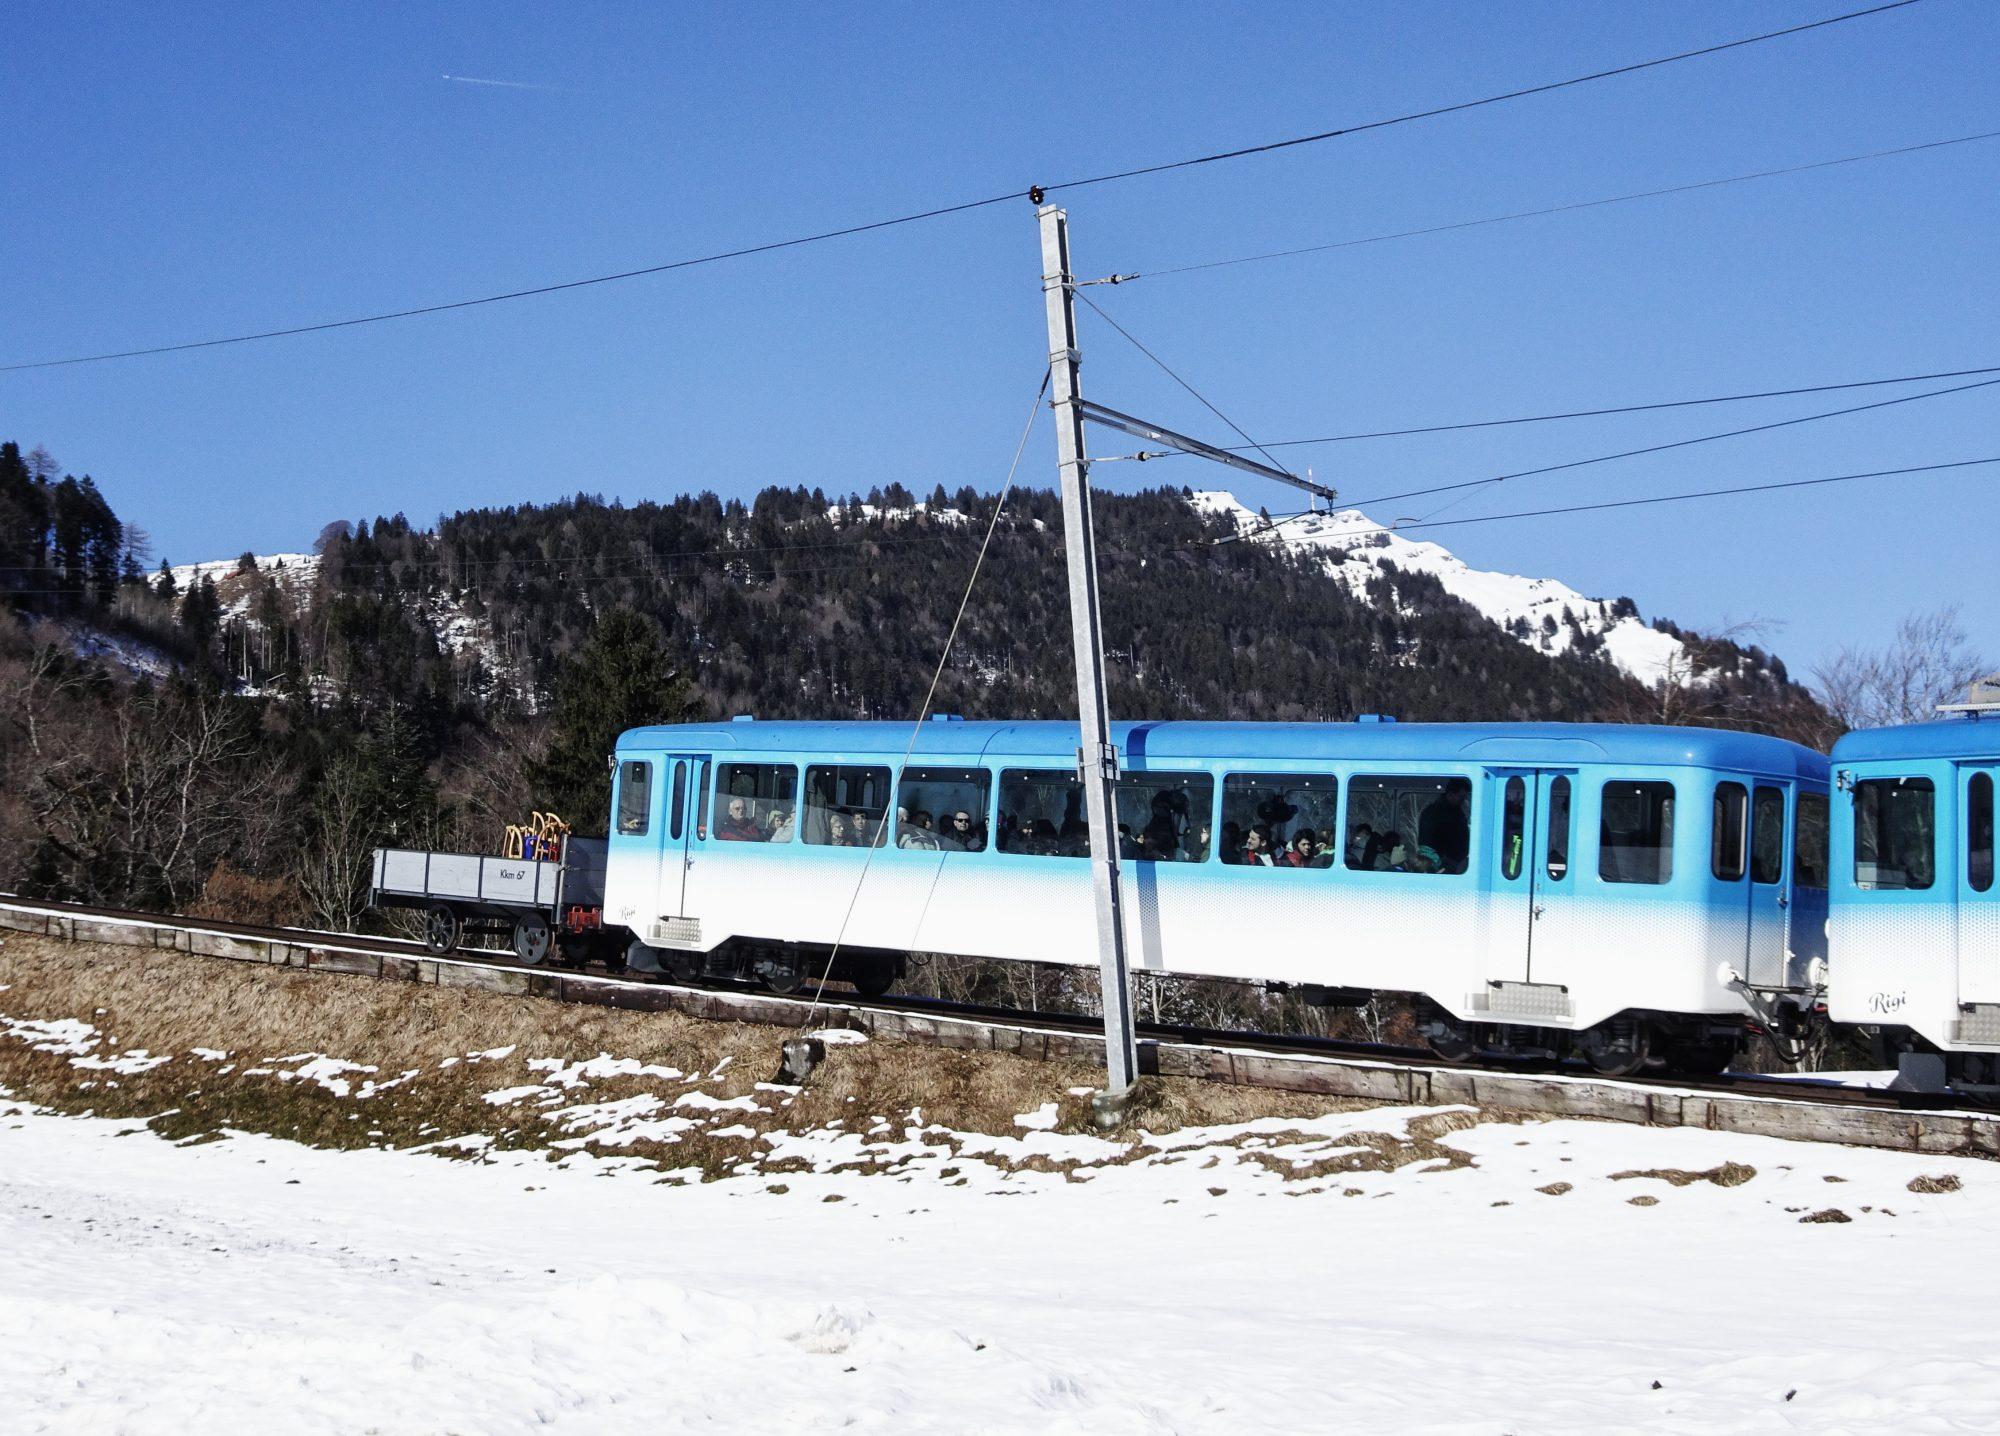 Schweiz, Luzern, Zürich, Rigi, Winterwanderung, Rigibahn, Zahnradbahn